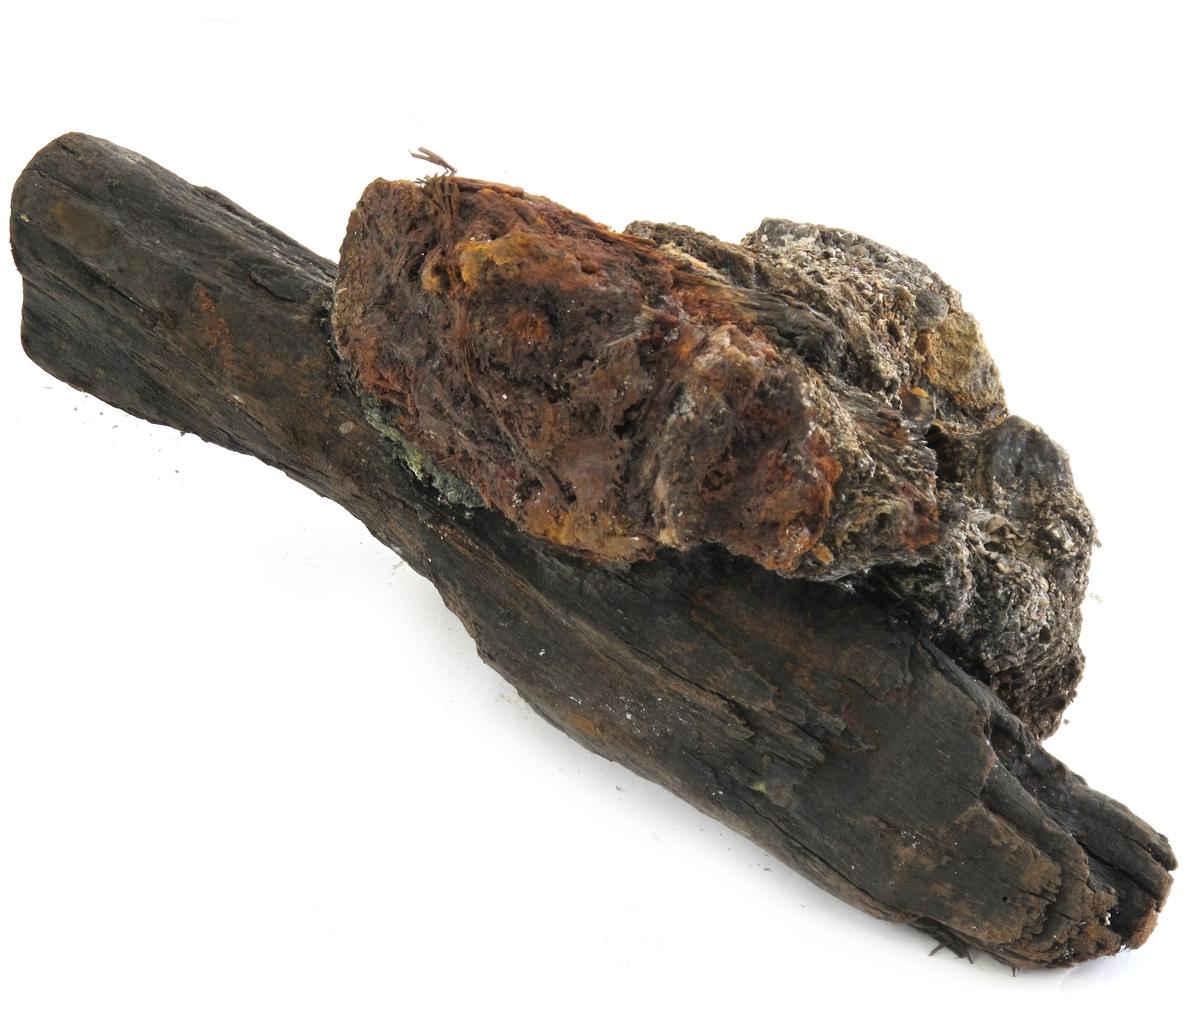 Korrosjonklump g)  Korrosjonsklump med et stykke fargetre. Består ellers av jern, rust, stein, sand og uidentifisert materiale.